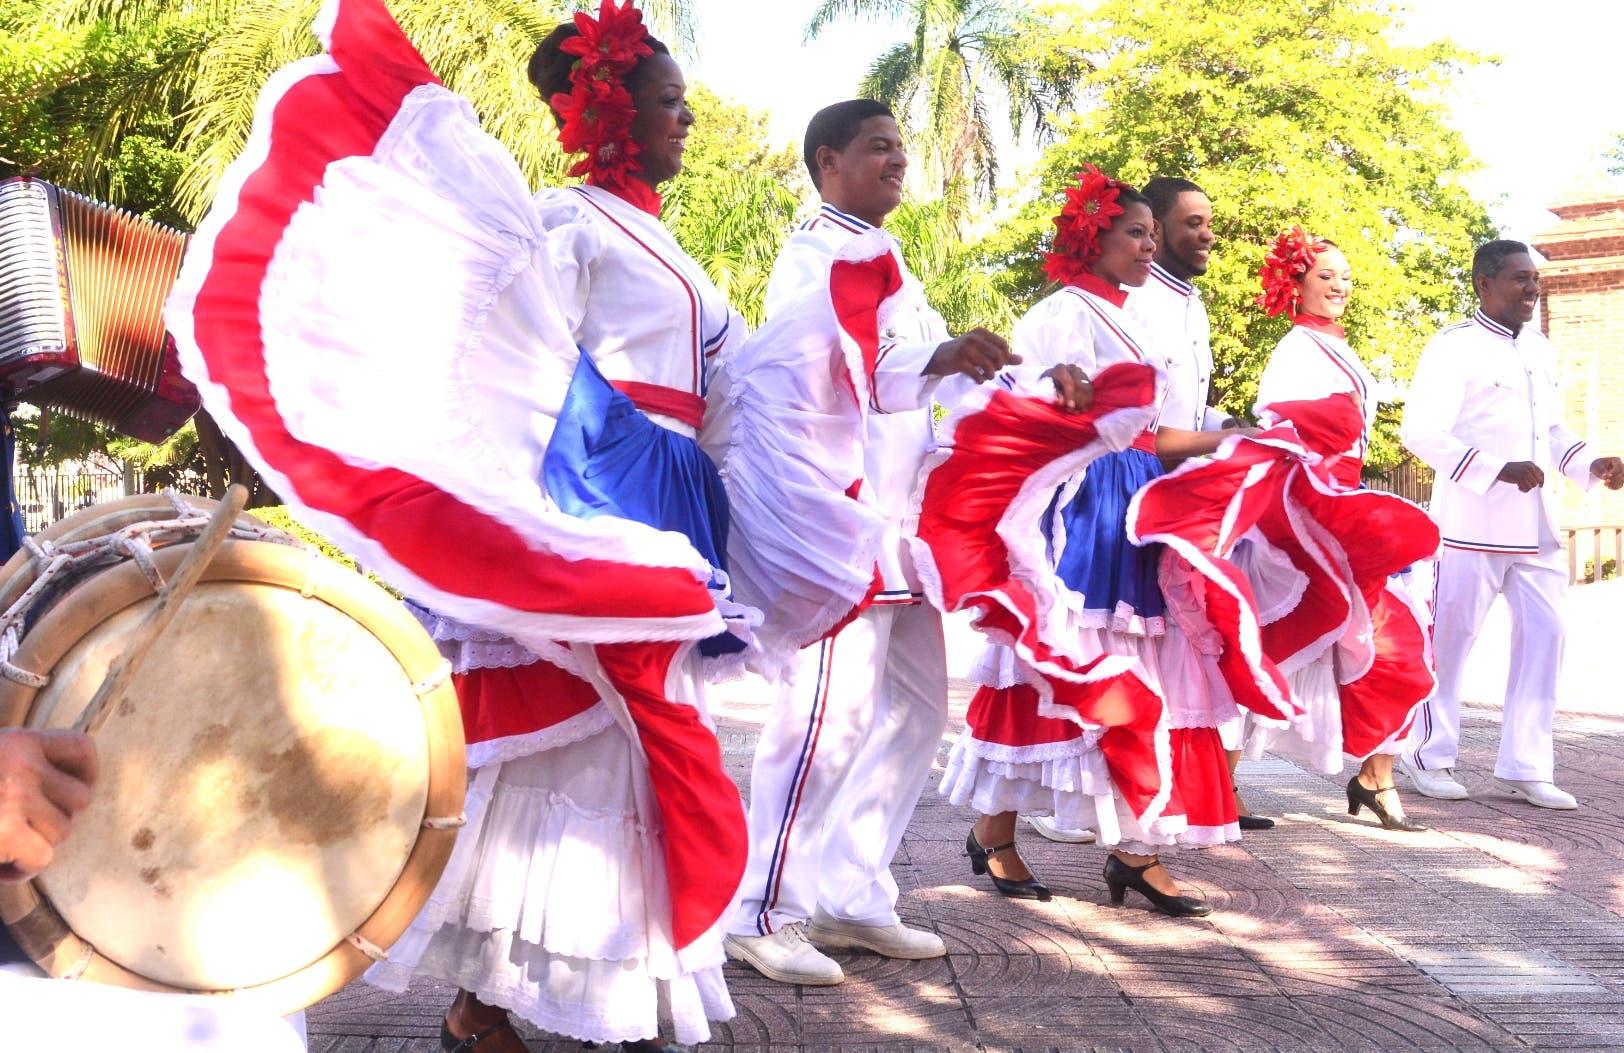 En República Dominicana prefieren merengue a otros ritmos, según sondeo